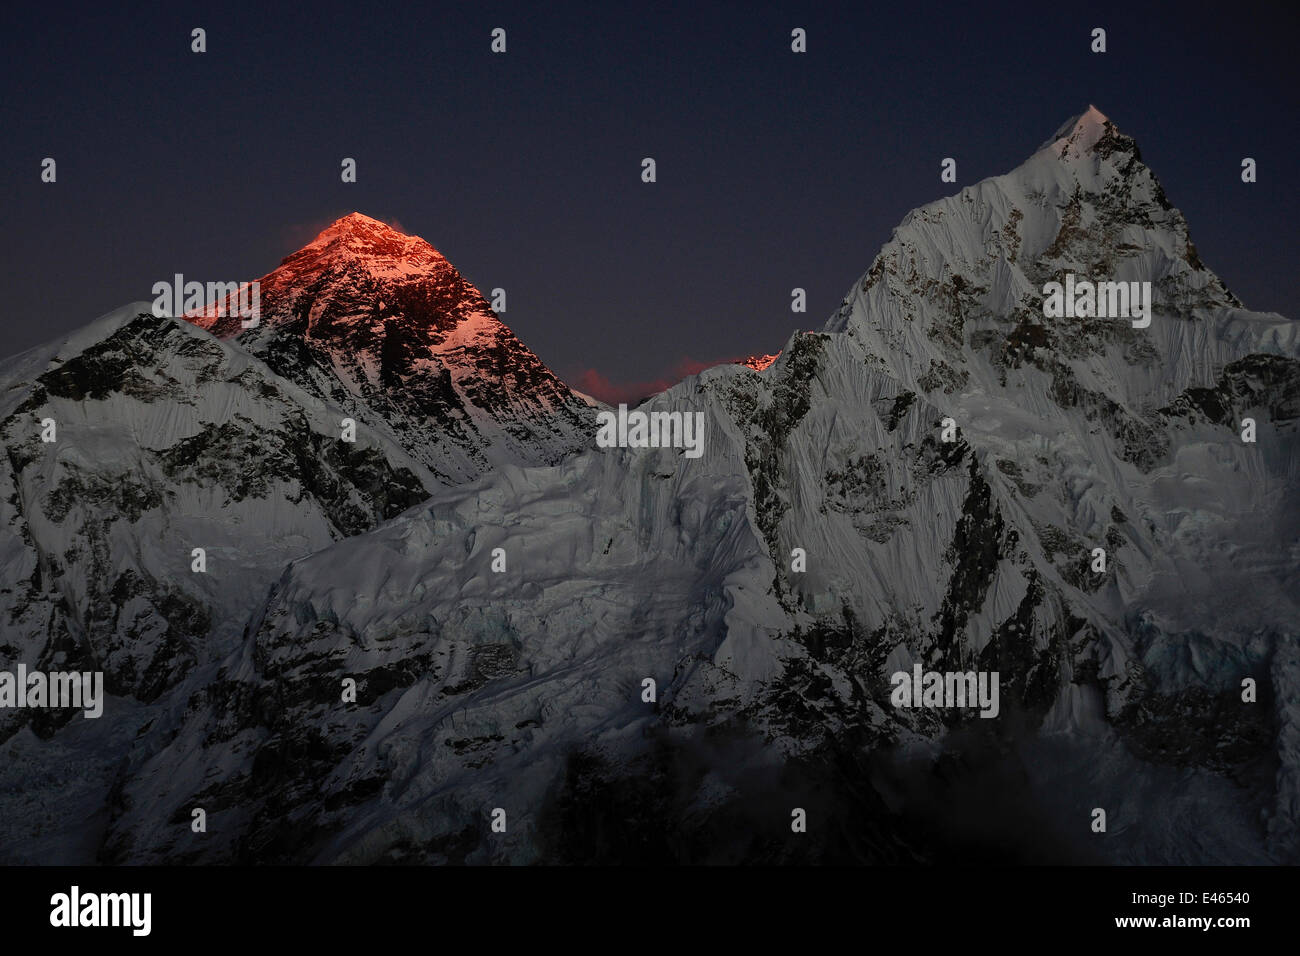 L'ultima luce del giorno illuminando la vetta del monte Everest, il Parco Nazionale di Sagarmatha, Khumbu, Himalaya, Immagini Stock